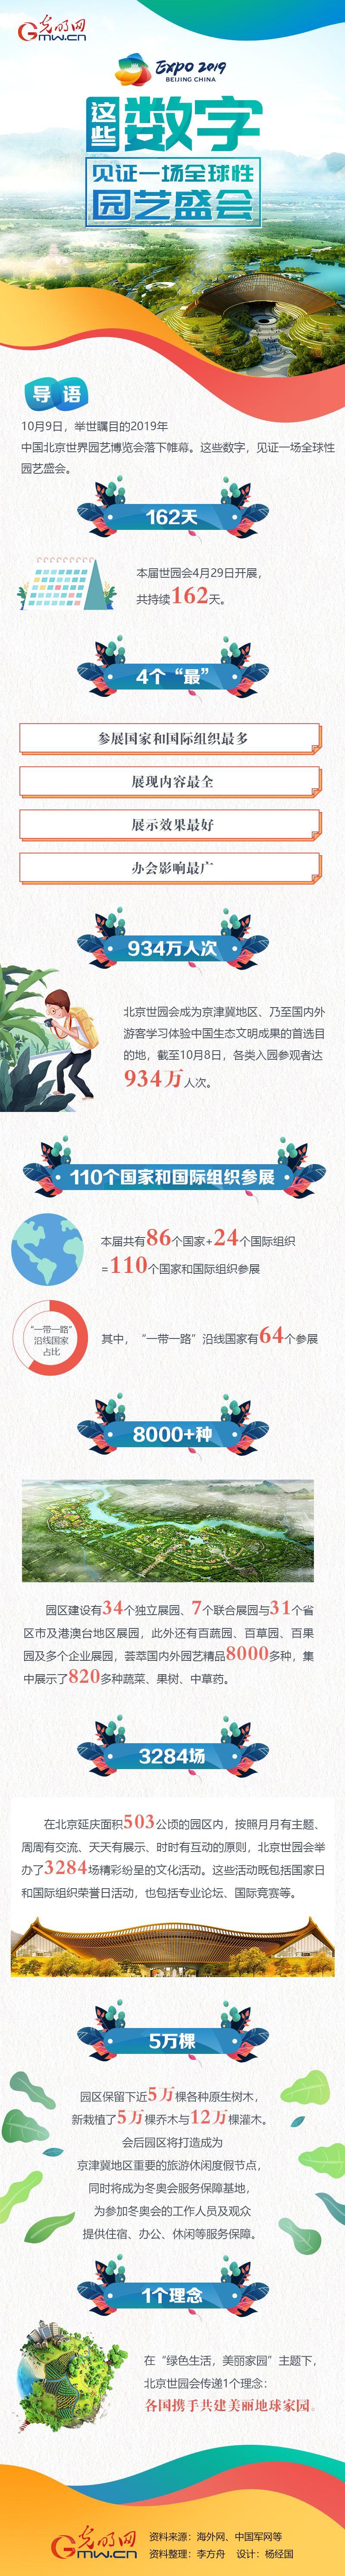 图解:这些数字,见证一场全球性园艺盛会